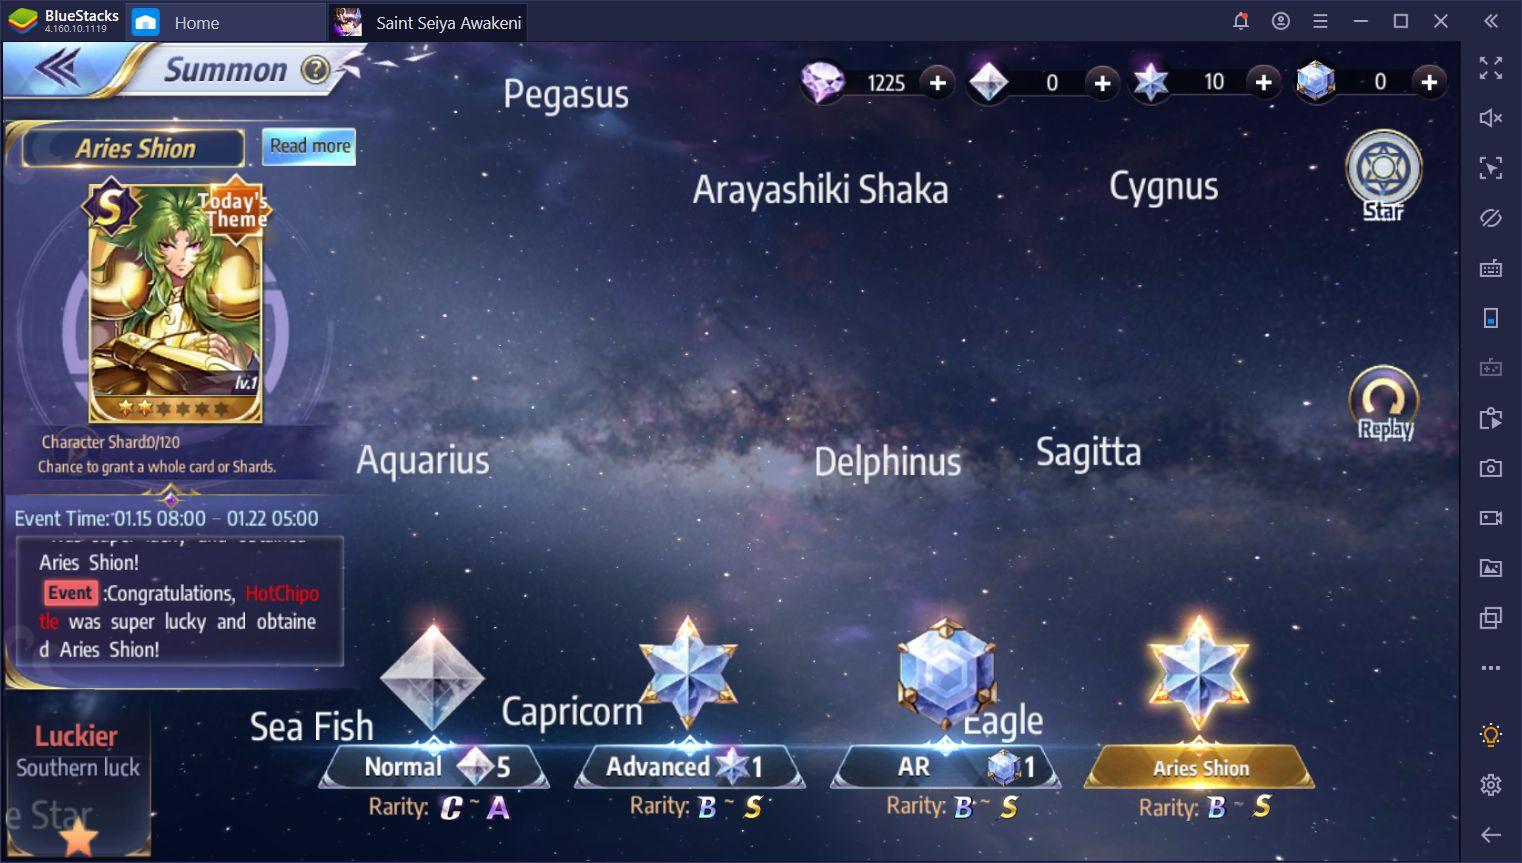 Saint Seiya Awakening - Cómo Desbloquear y Sacar el Potencial de Ikki de Armadura Divina